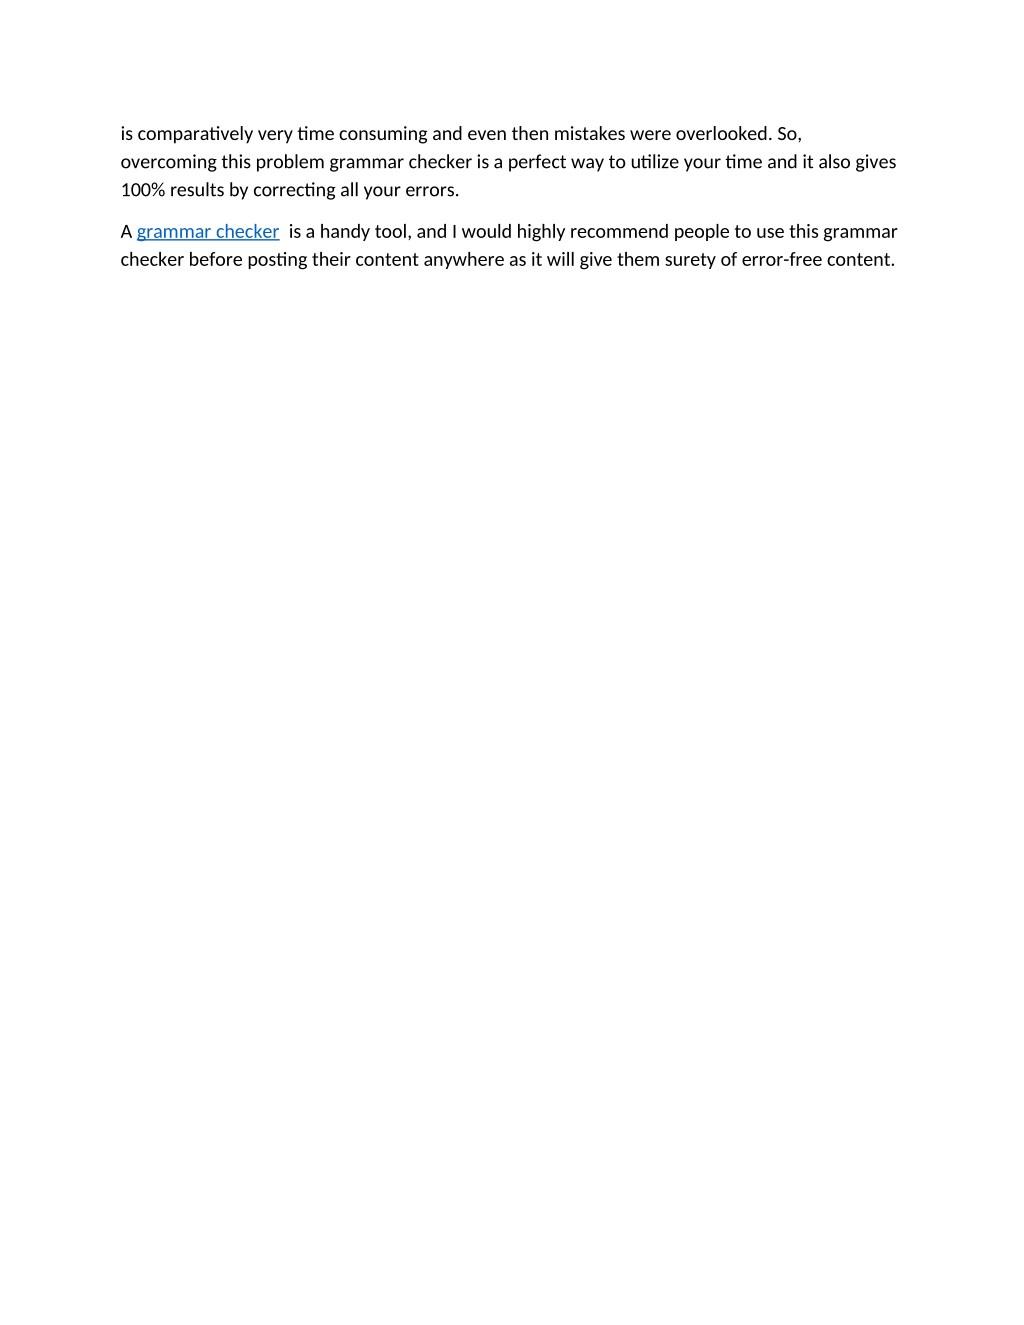 PPT - Grammar Checker PowerPoint Presentation - ID:7944082